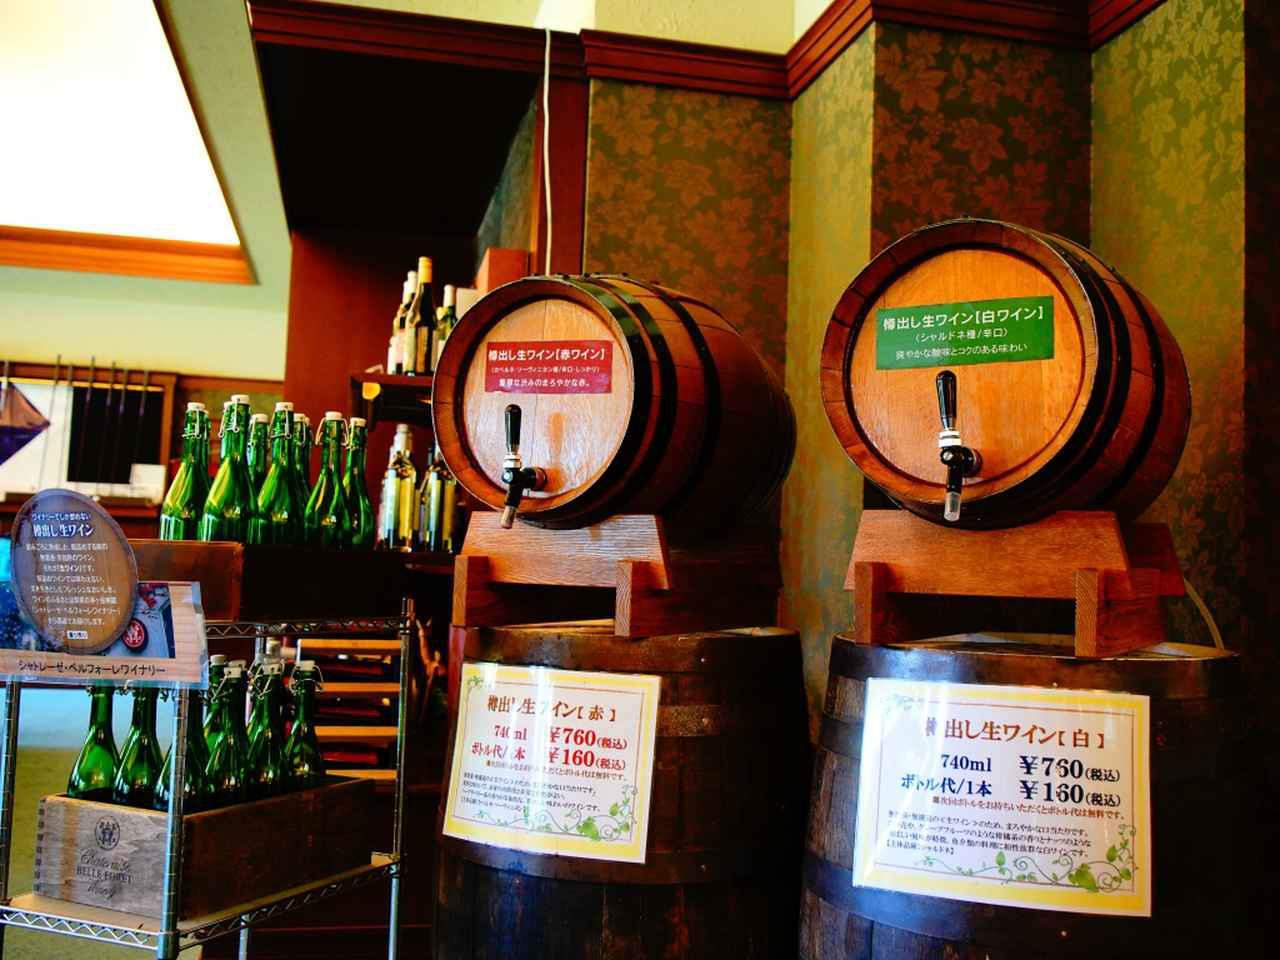 画像: シャトレーゼヴィンテージGCのワイン樽。ボトルに詰めて持ち帰ることもできる(有料)